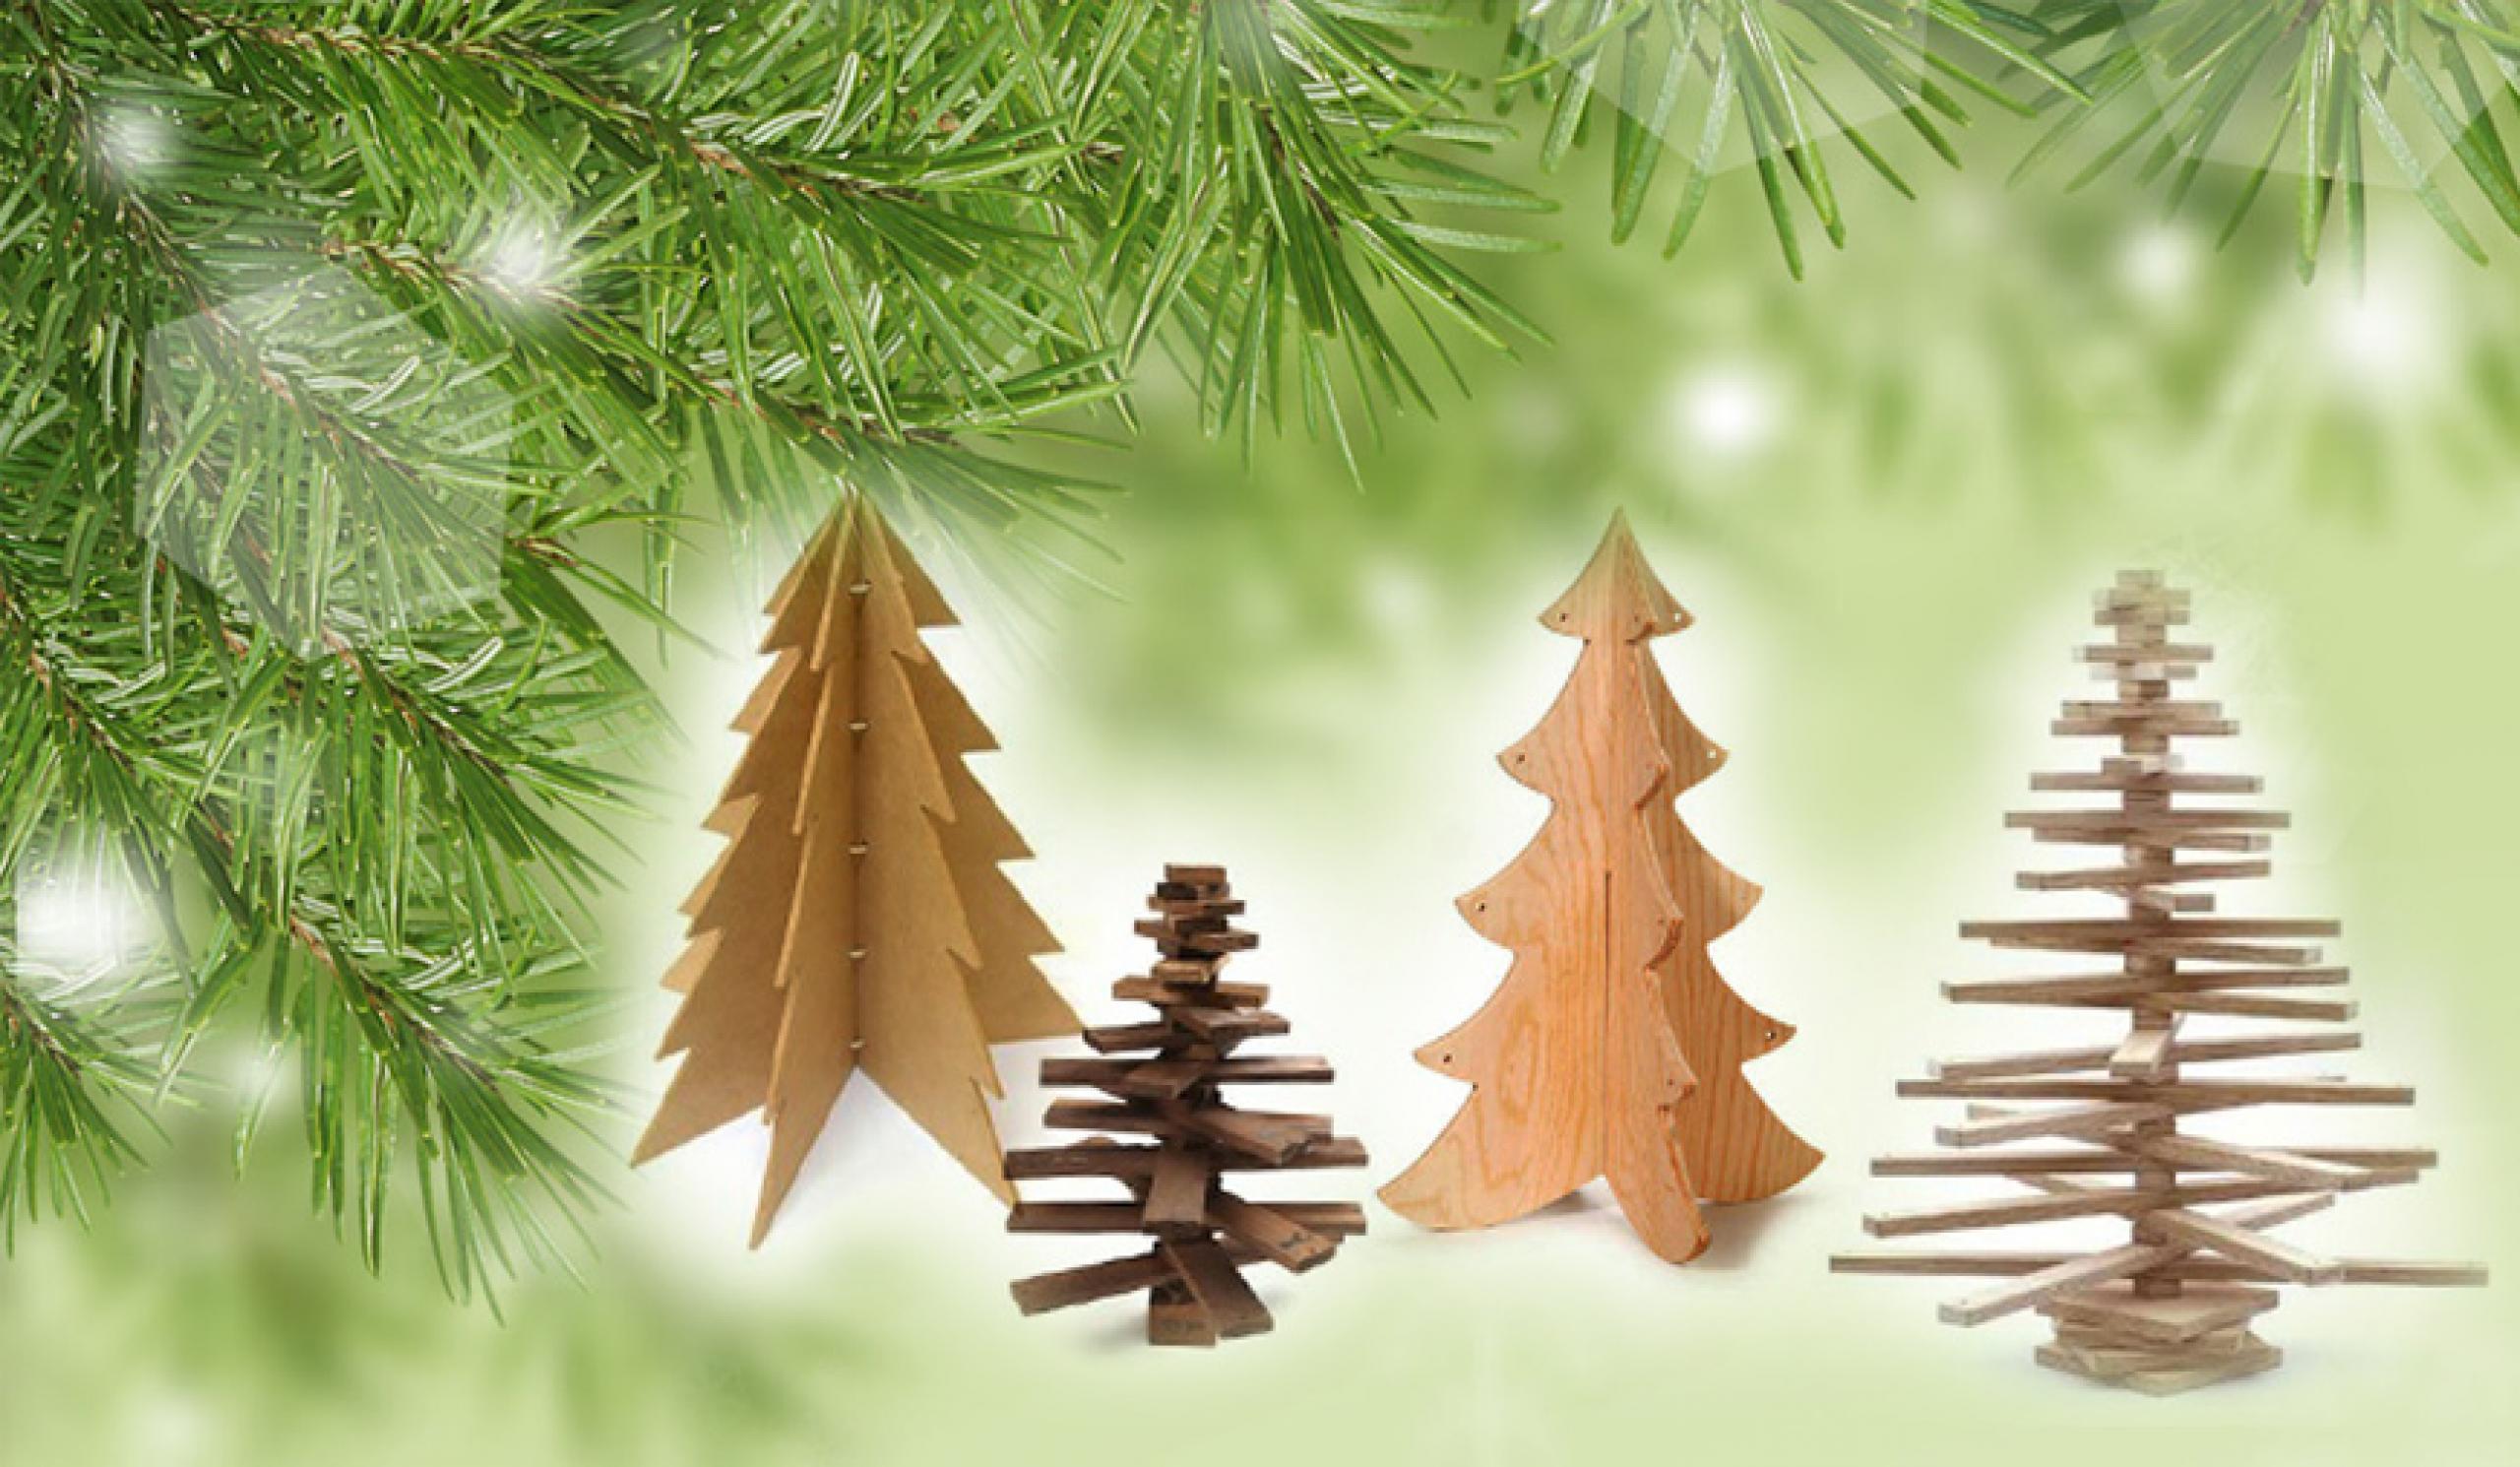 Cum să construiți un brad de Crăciun din lemn